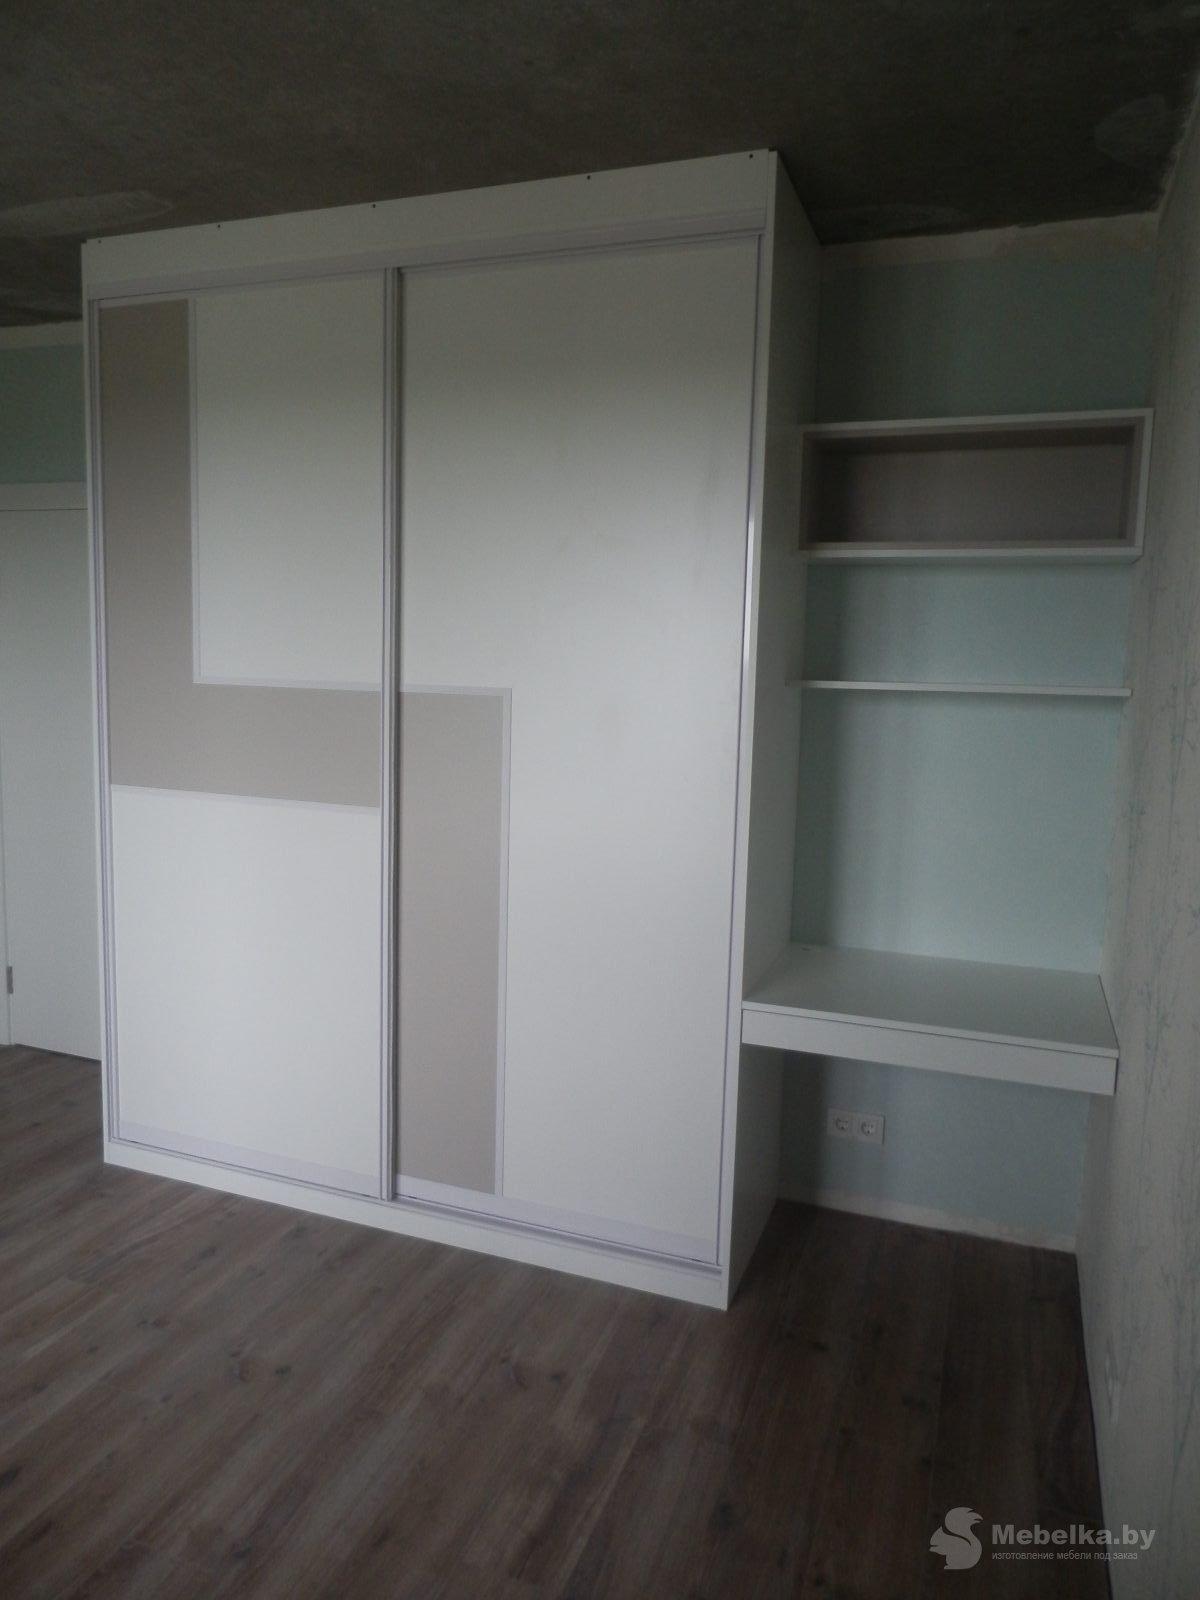 Шкаф-купе со вставкой и рабочим местом в спальне вид 2